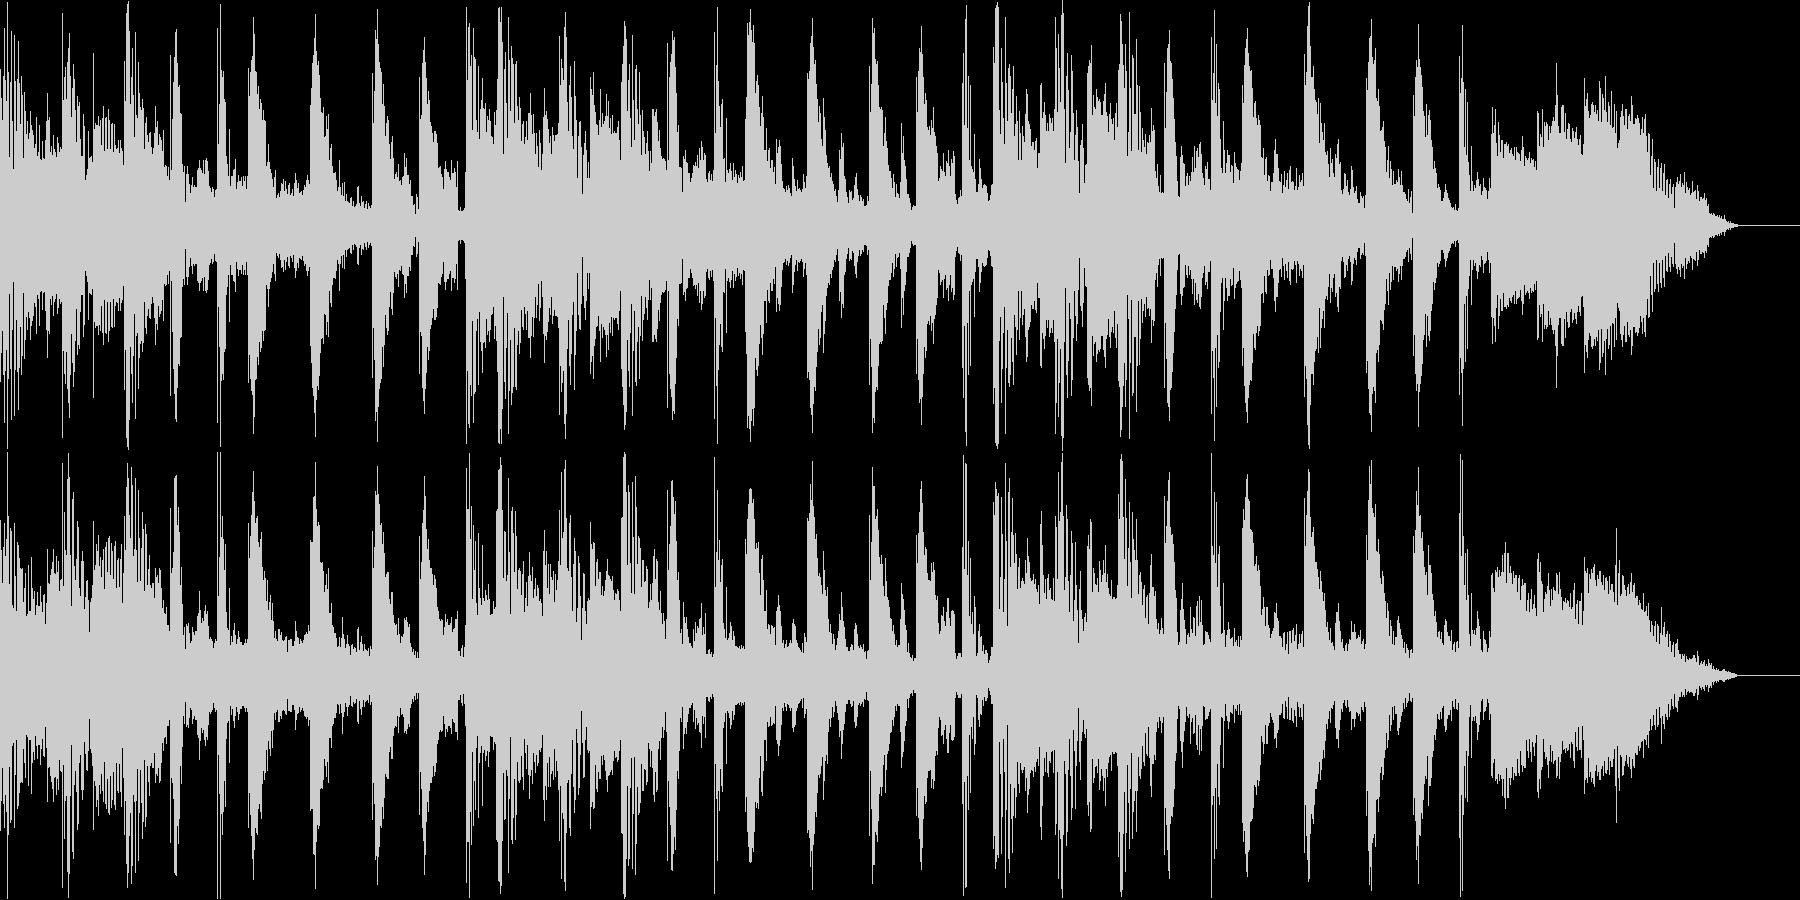 テクノでおしゃれなBGMの未再生の波形